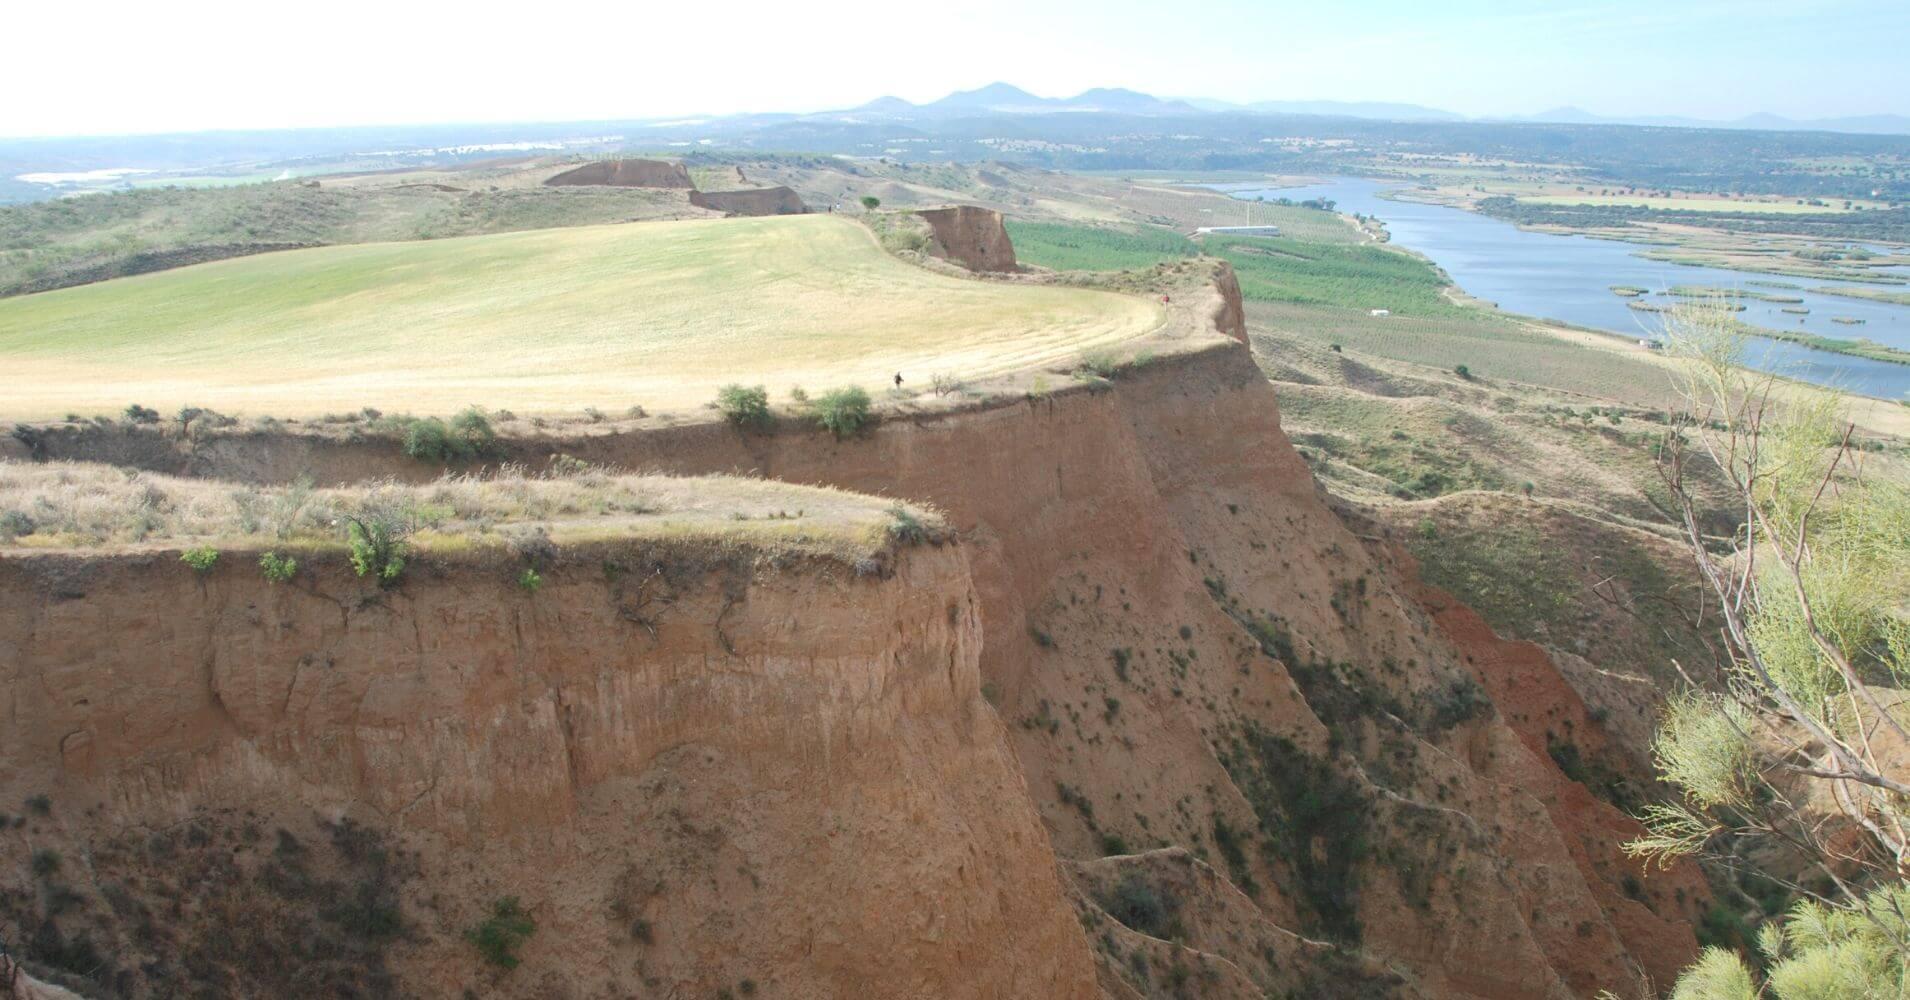 Cortados de las Barrancas de Castrejón. Burujón. Toledo, Castilla la Mancha.